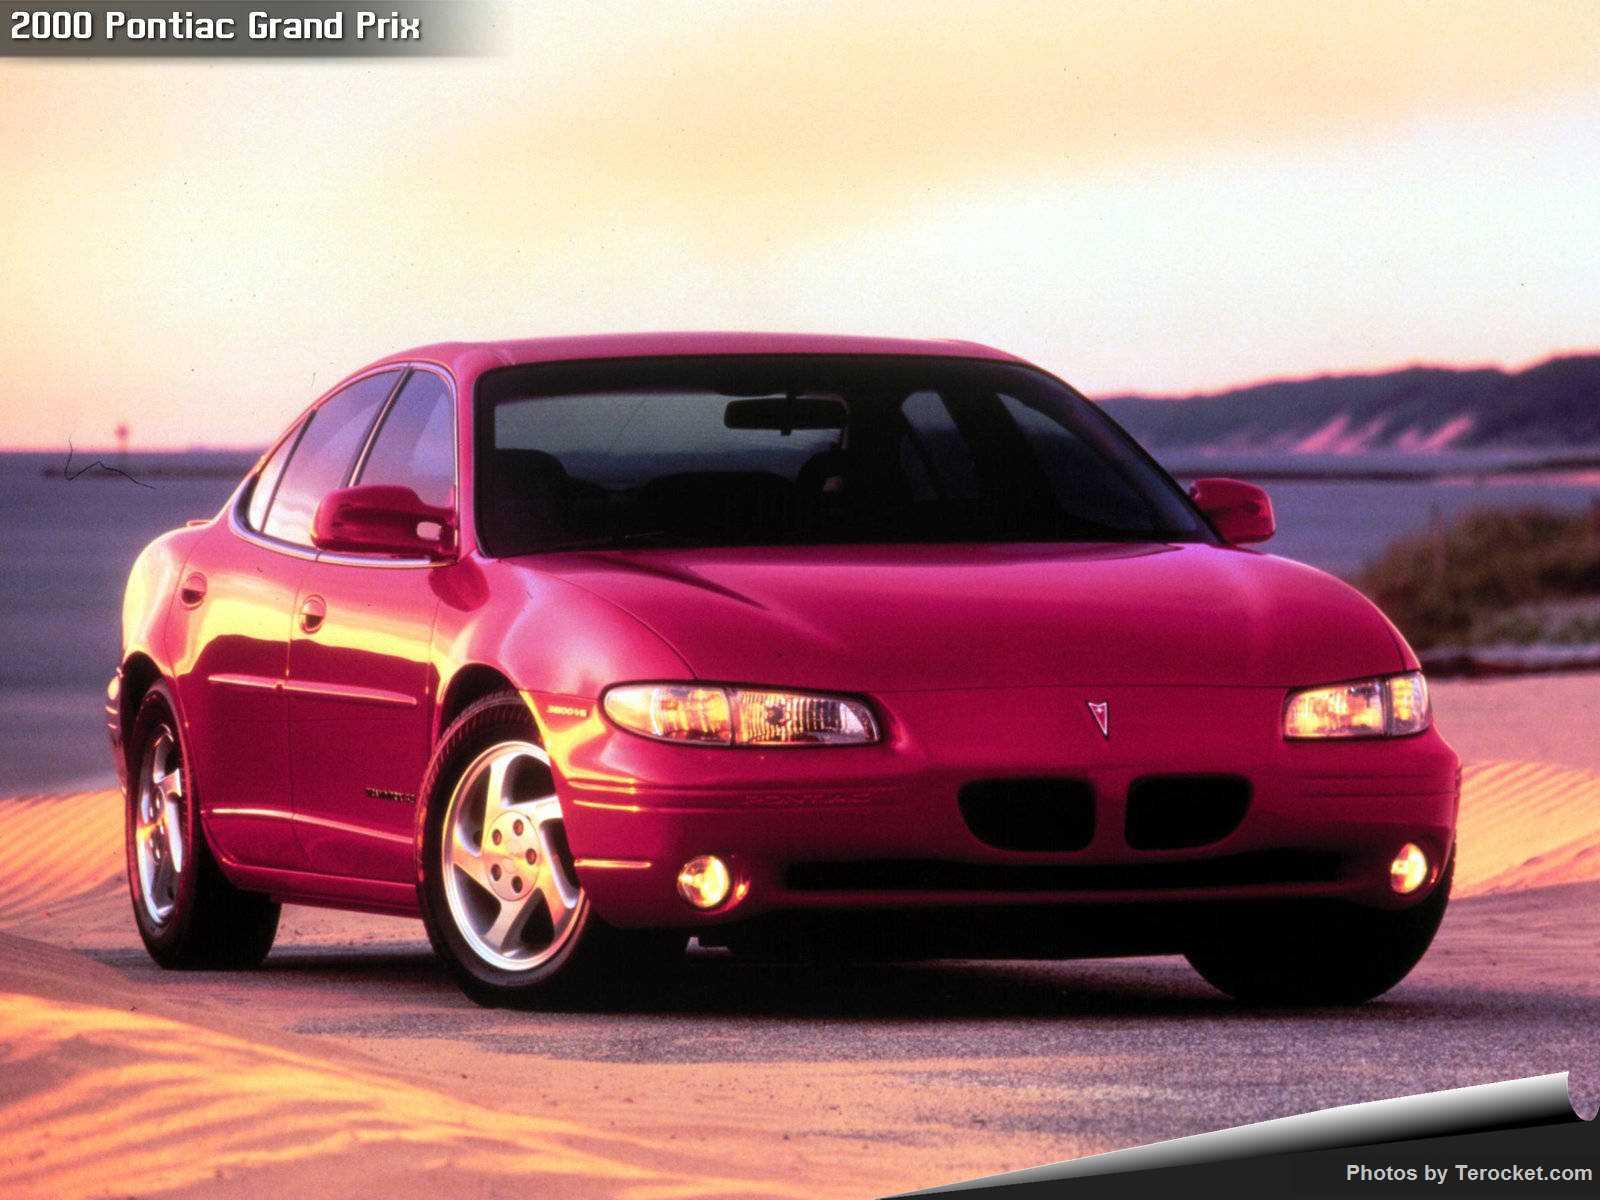 Hình ảnh xe ô tô Pontiac Grand Prix 2000 & nội ngoại thất